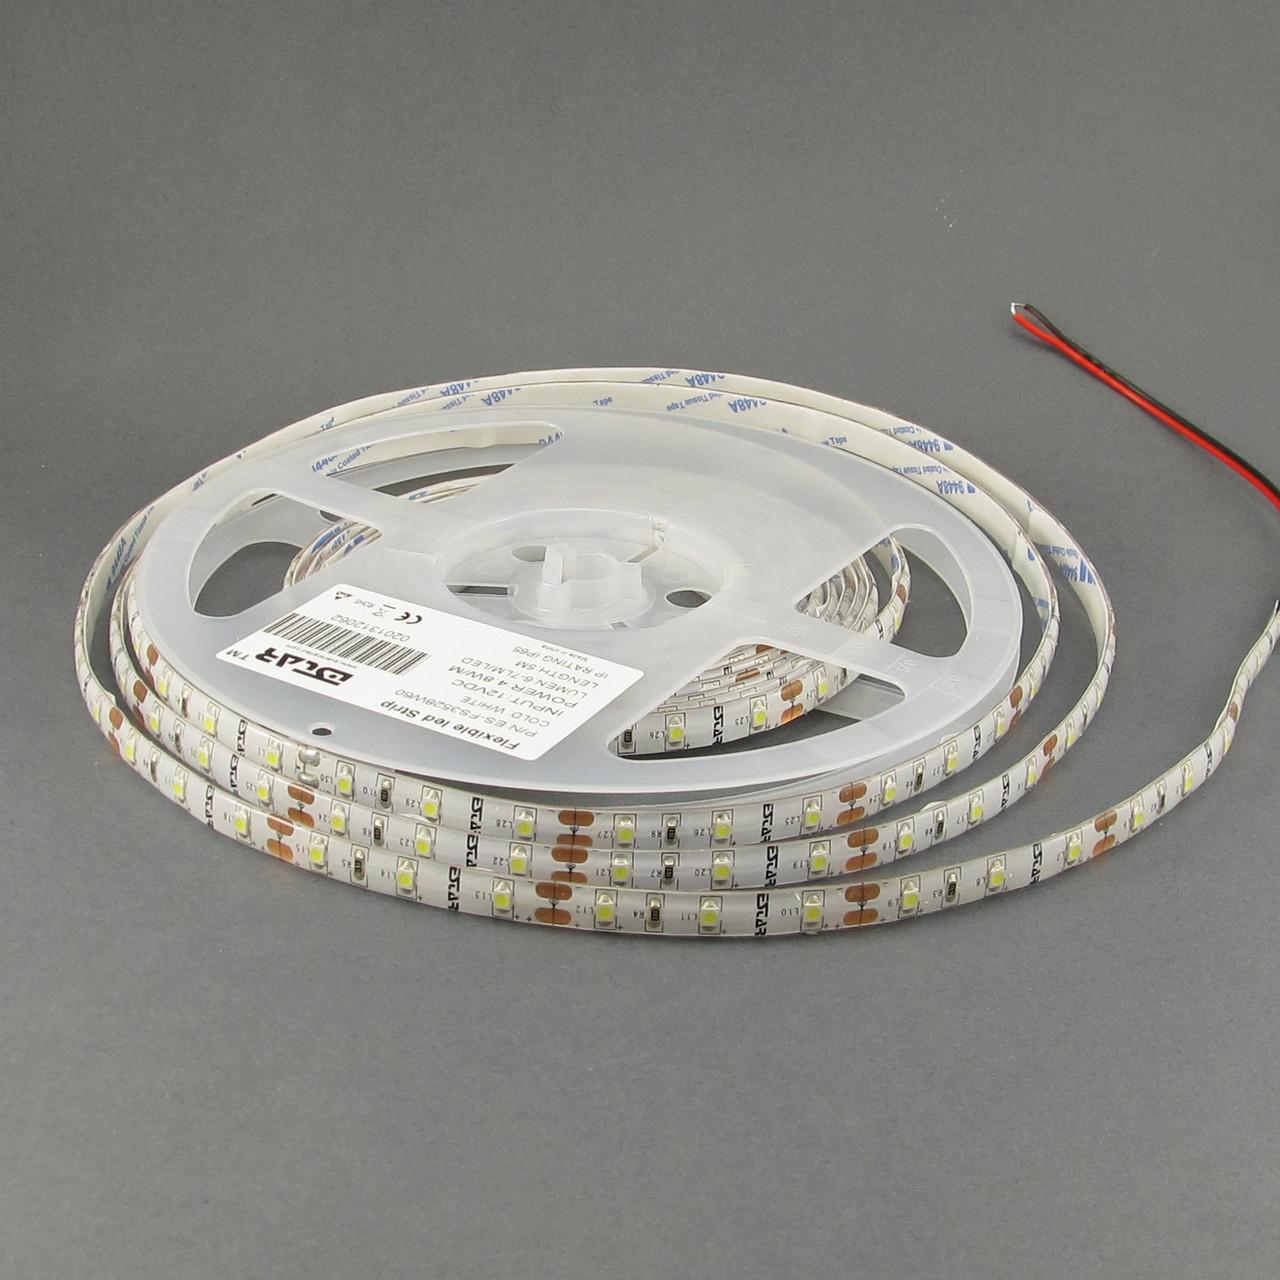 Светодиодная лента ESTAR 3528/60 4,8Вт 12В 3800-4300К Нейтральный белый IP65 премиум